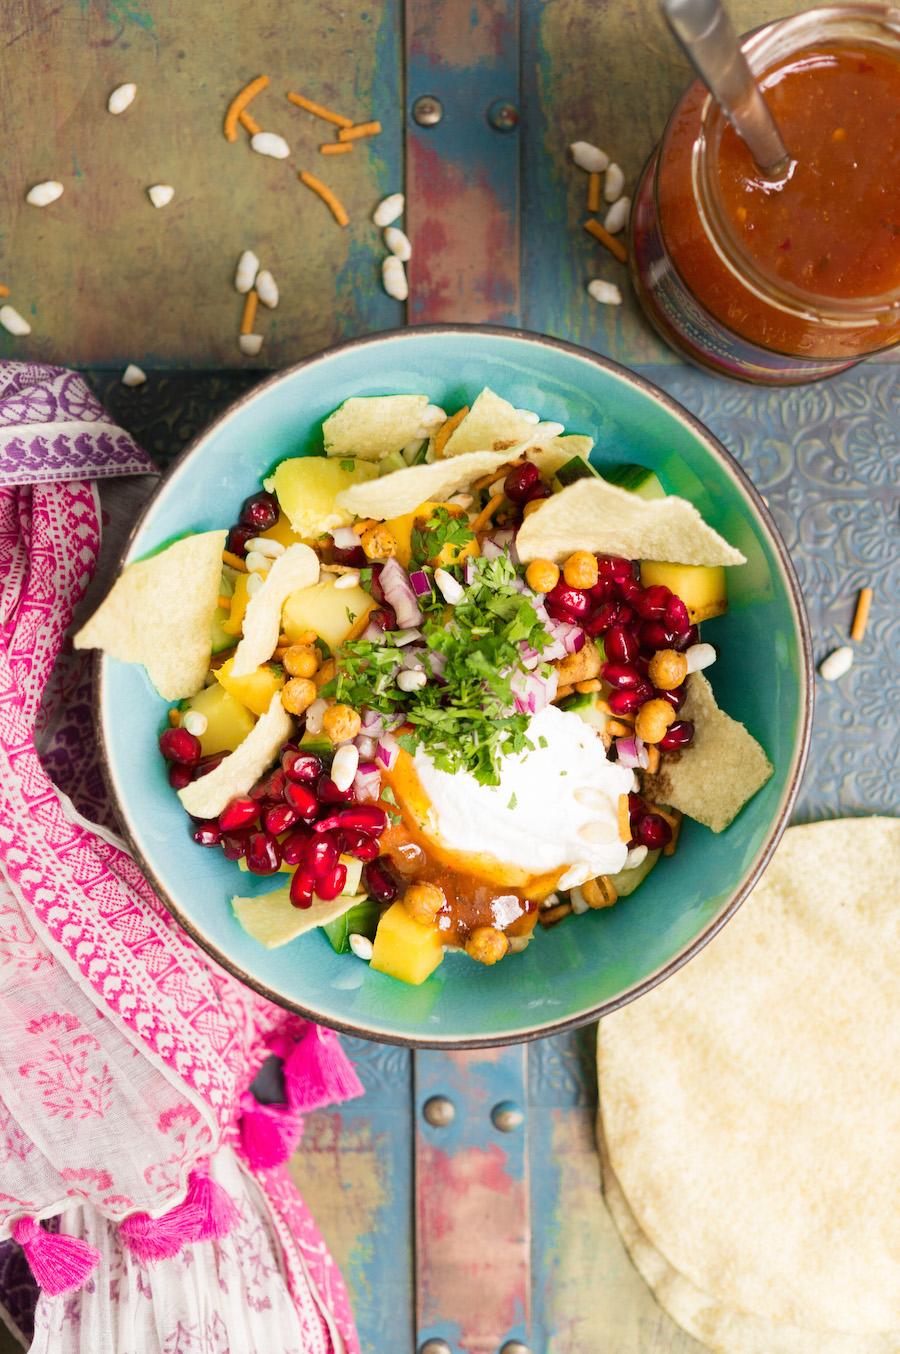 Salade met kikkererwten als voorbeeld van salades met eiwitten